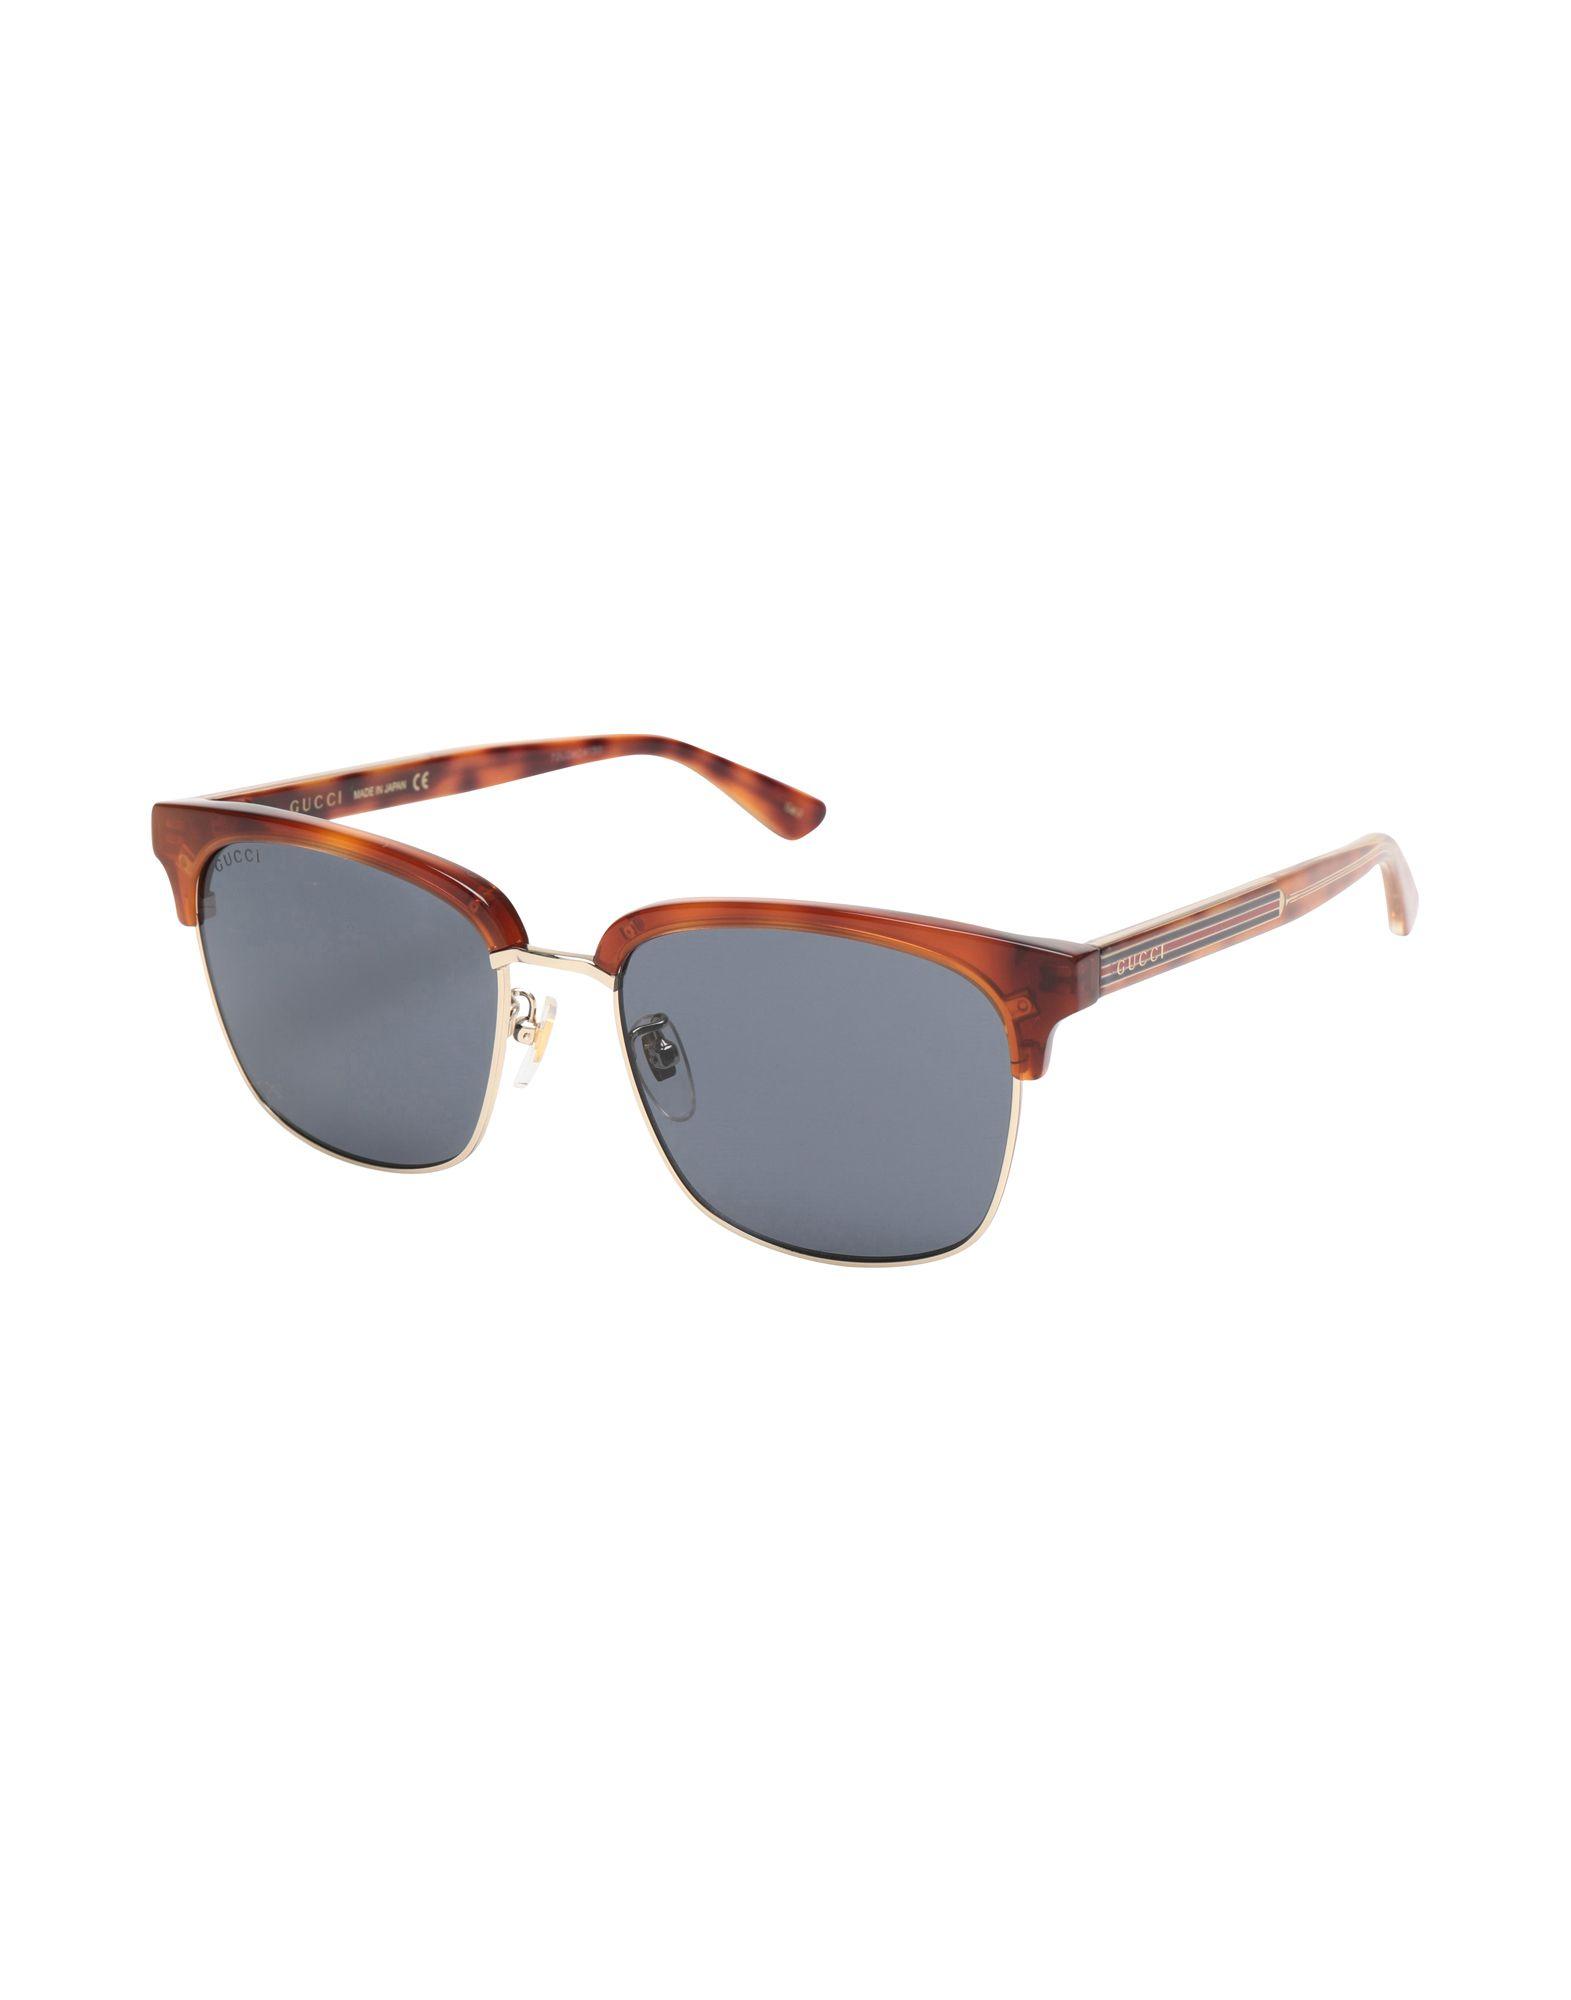 ba71f31f28 Gafas de sol hombre. 260,00 € · Gucci